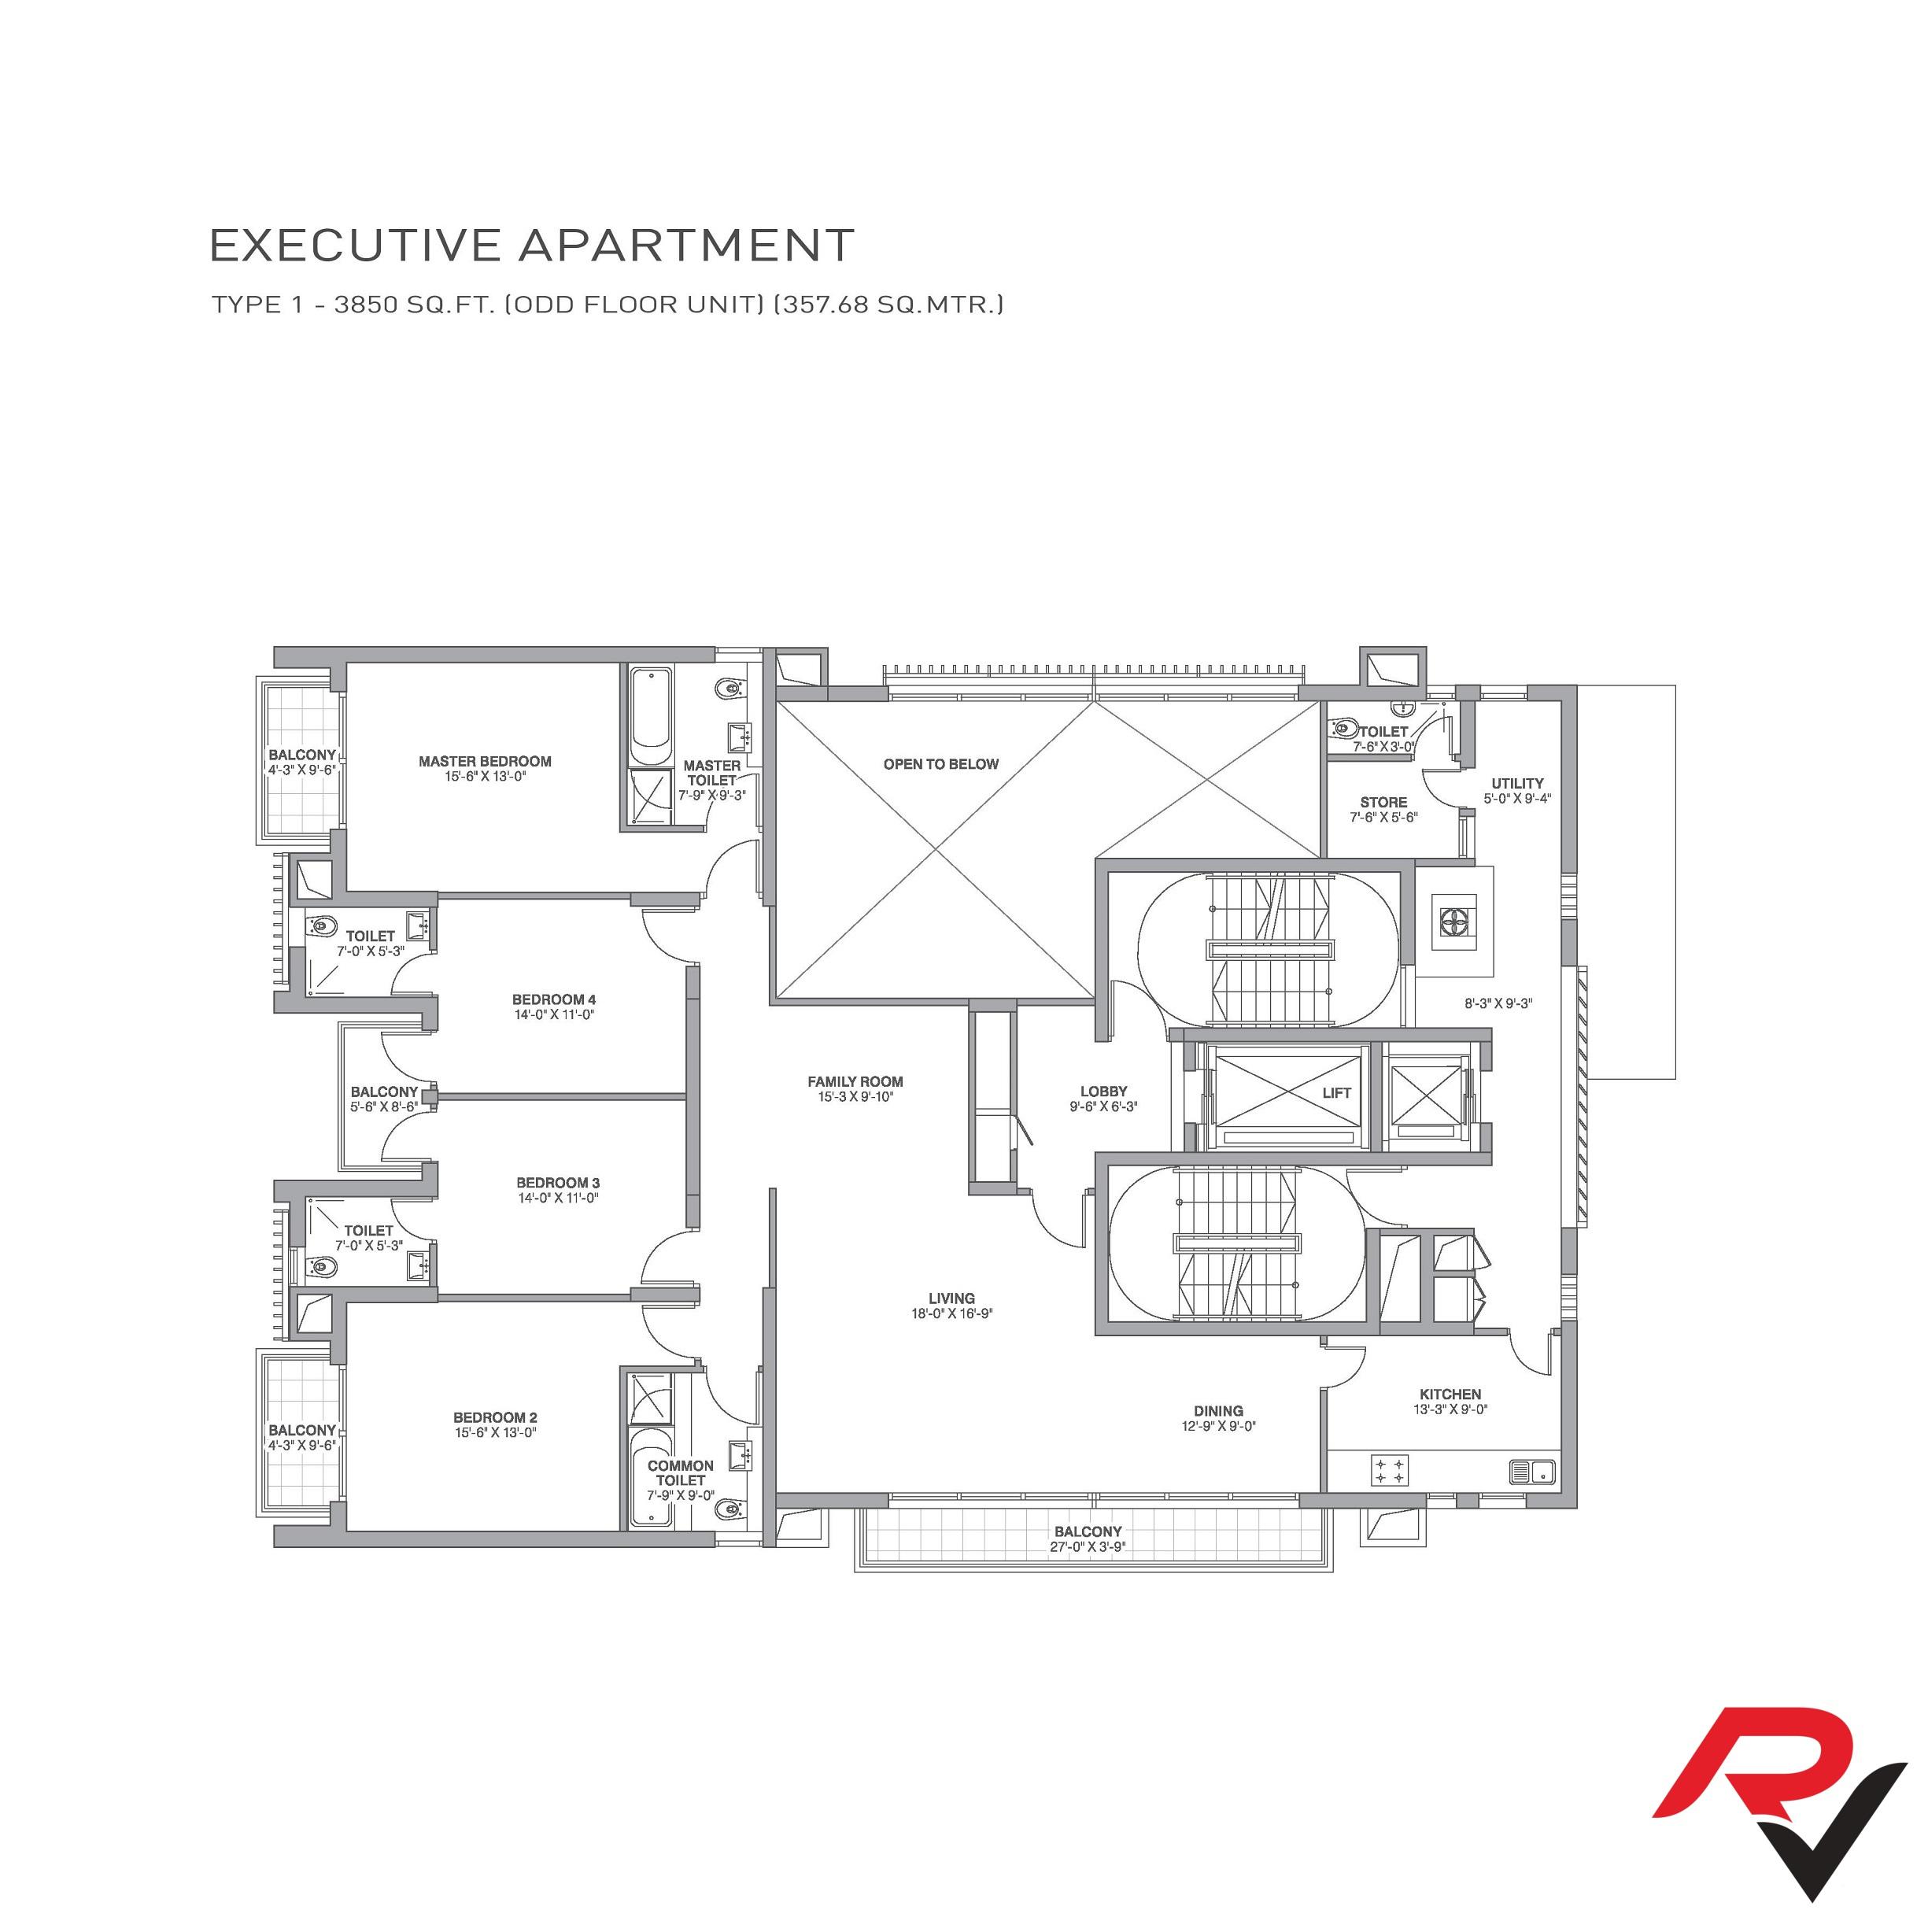 4Bhk + Family Room + Servant Room